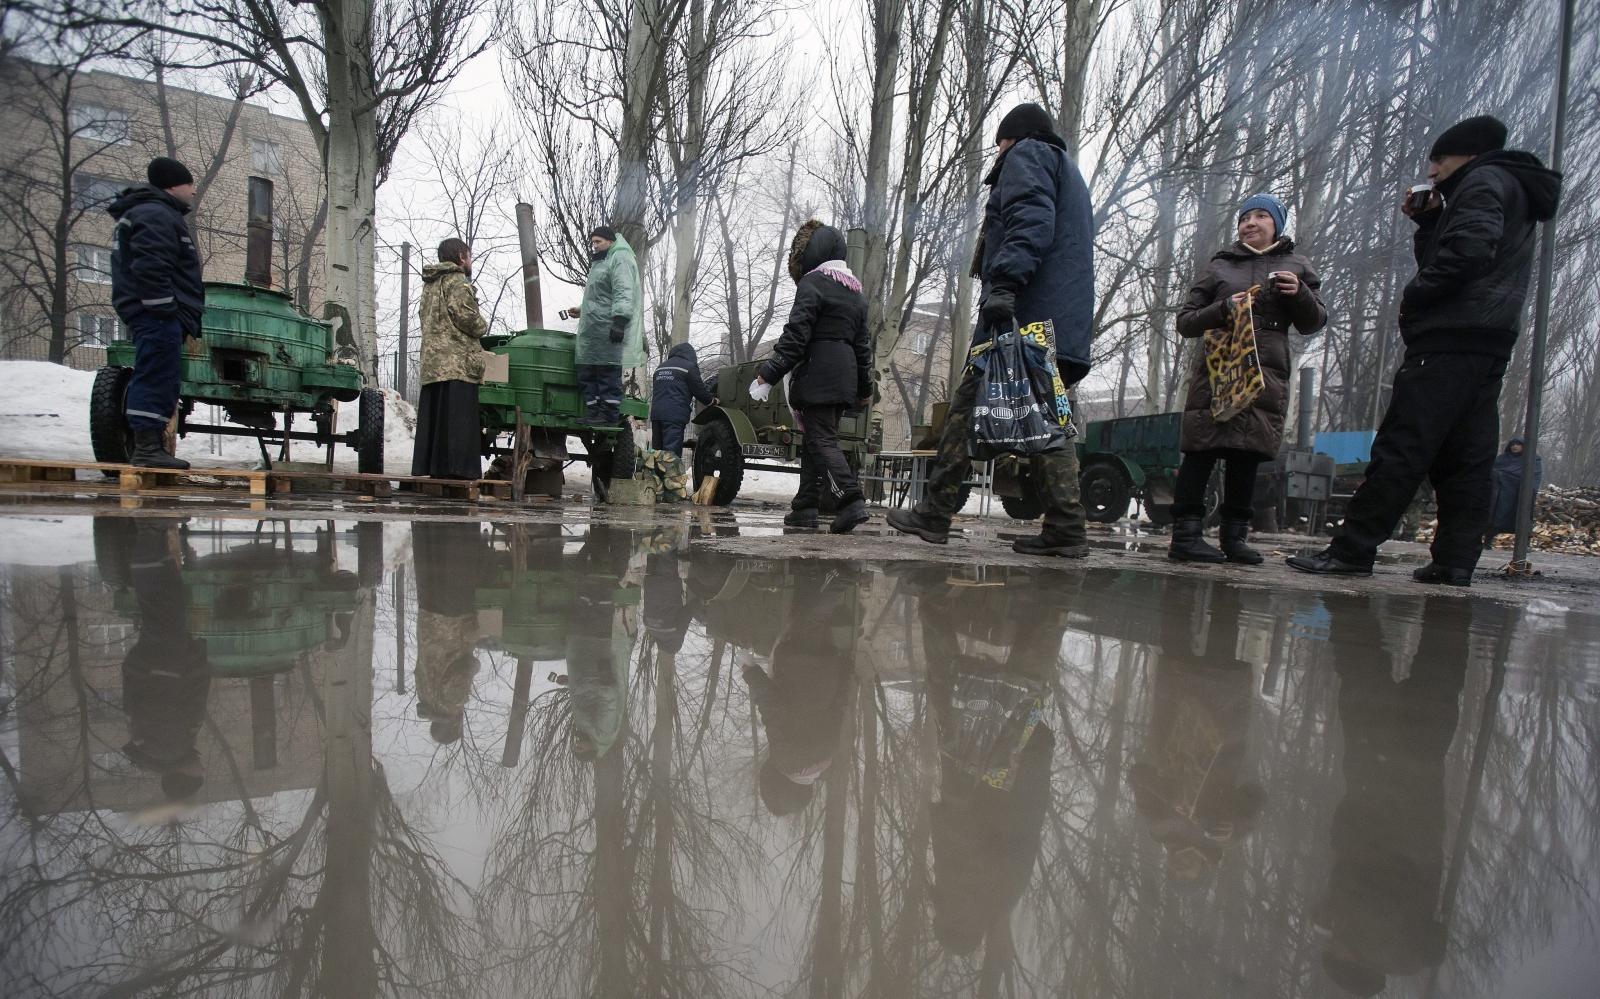 Mieszkańcy ustawiają się w kolejce po gorące jedzenie i picie rozdawane w Doniecku, Ukraina.